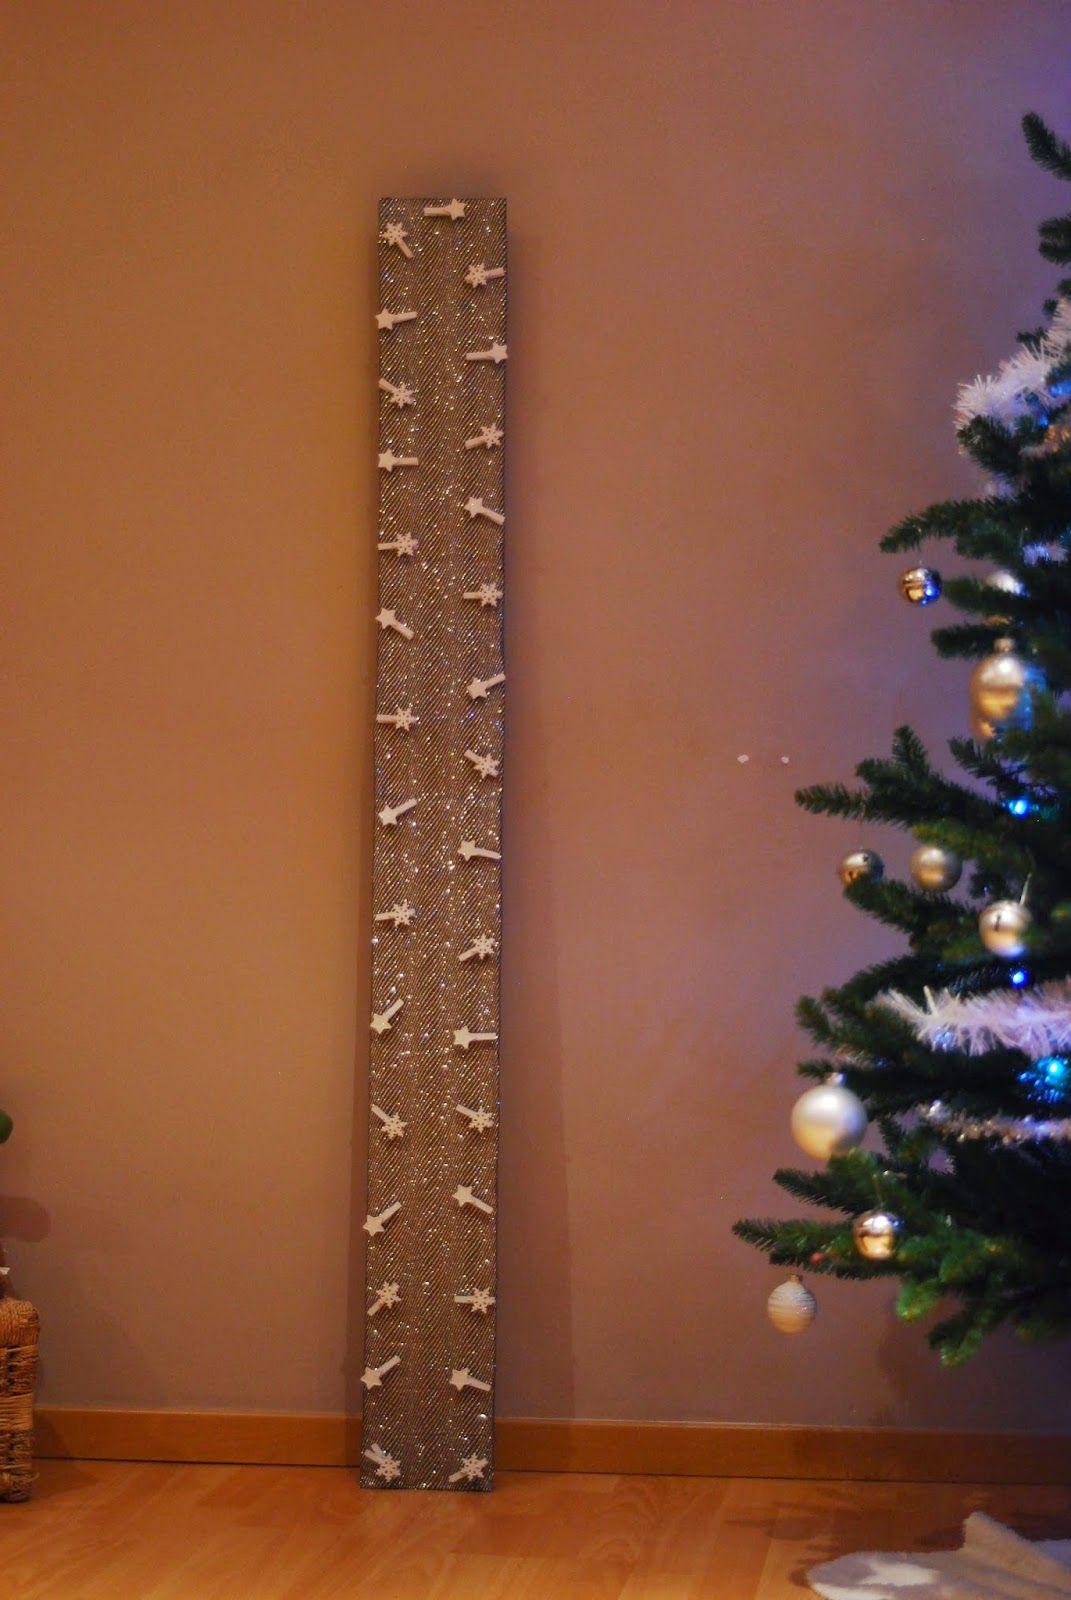 Mevrouwtje Pauwtje: Hohohohooooooo... Dennenboom